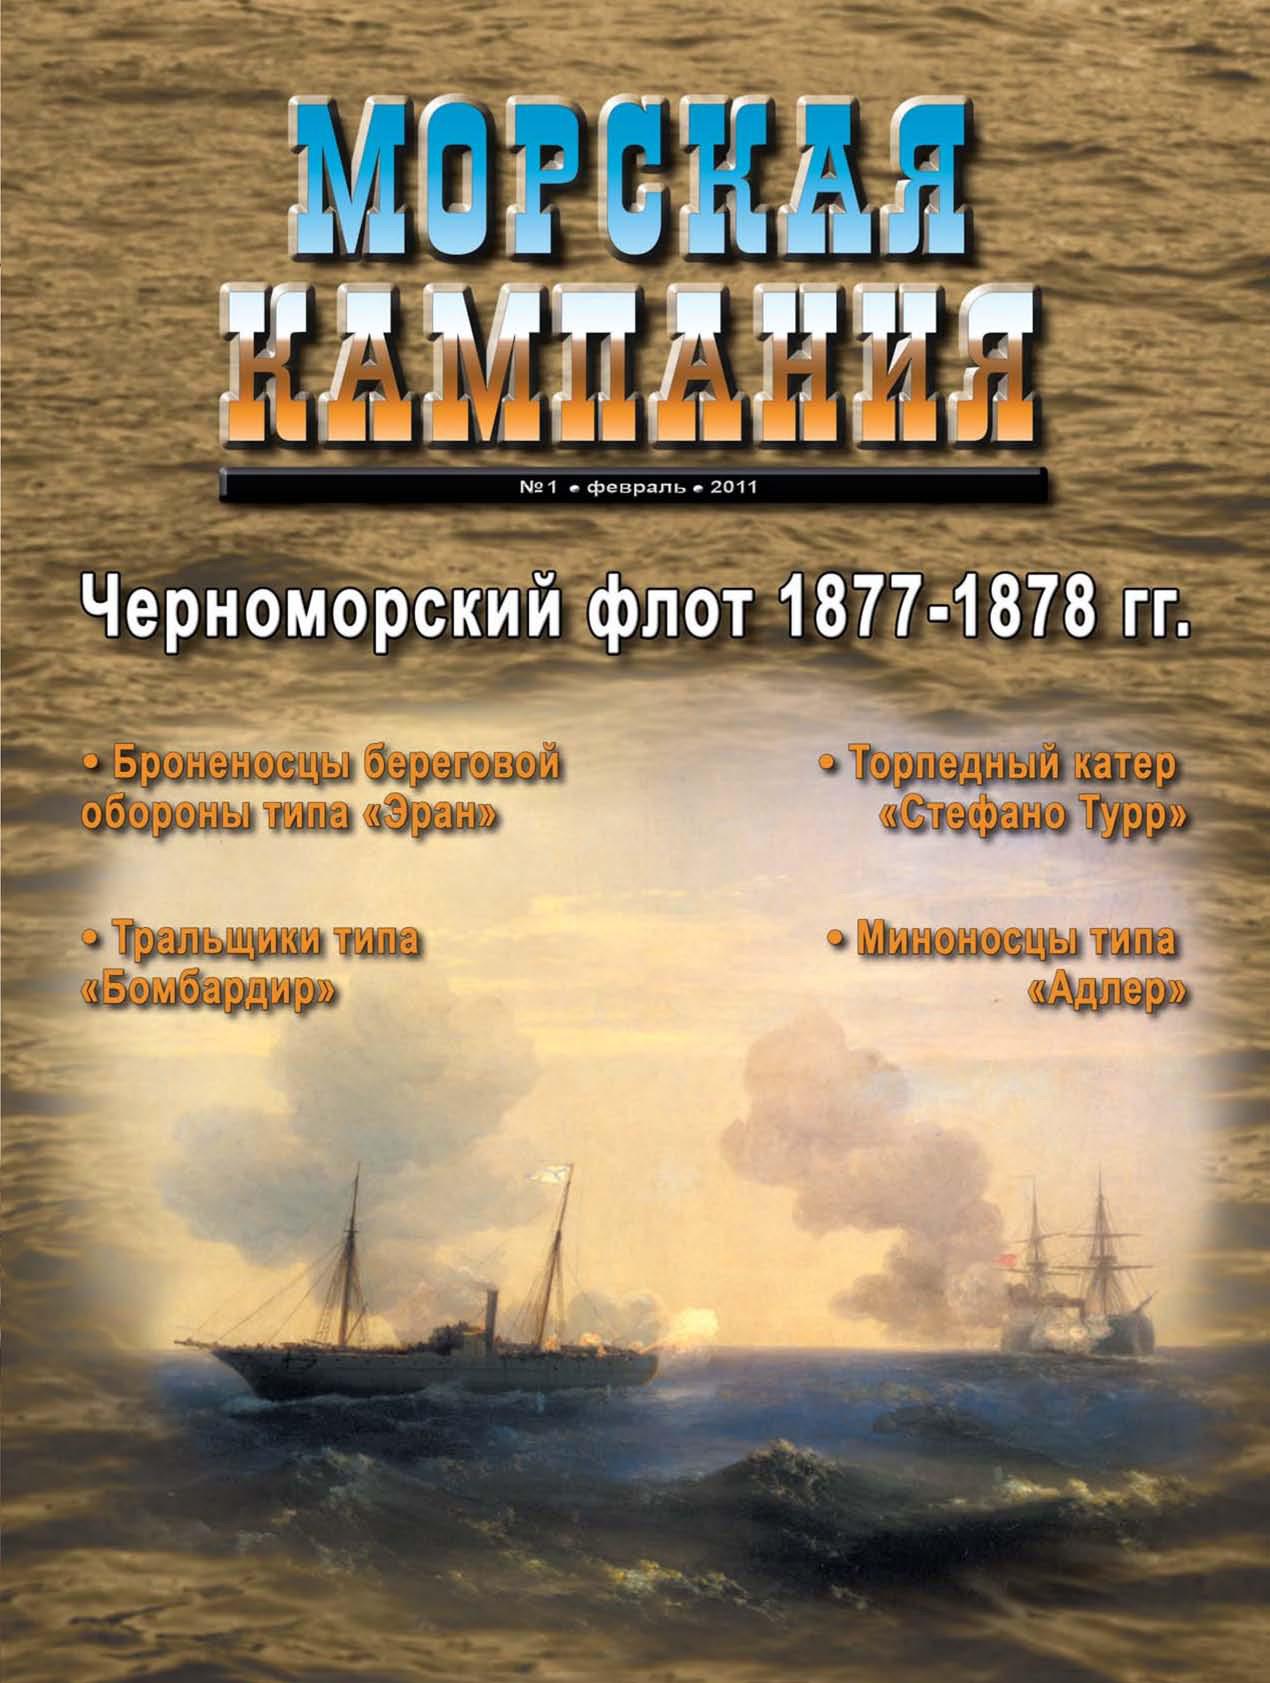 Морская кампания № 01/2011 ( Отсутствует  )